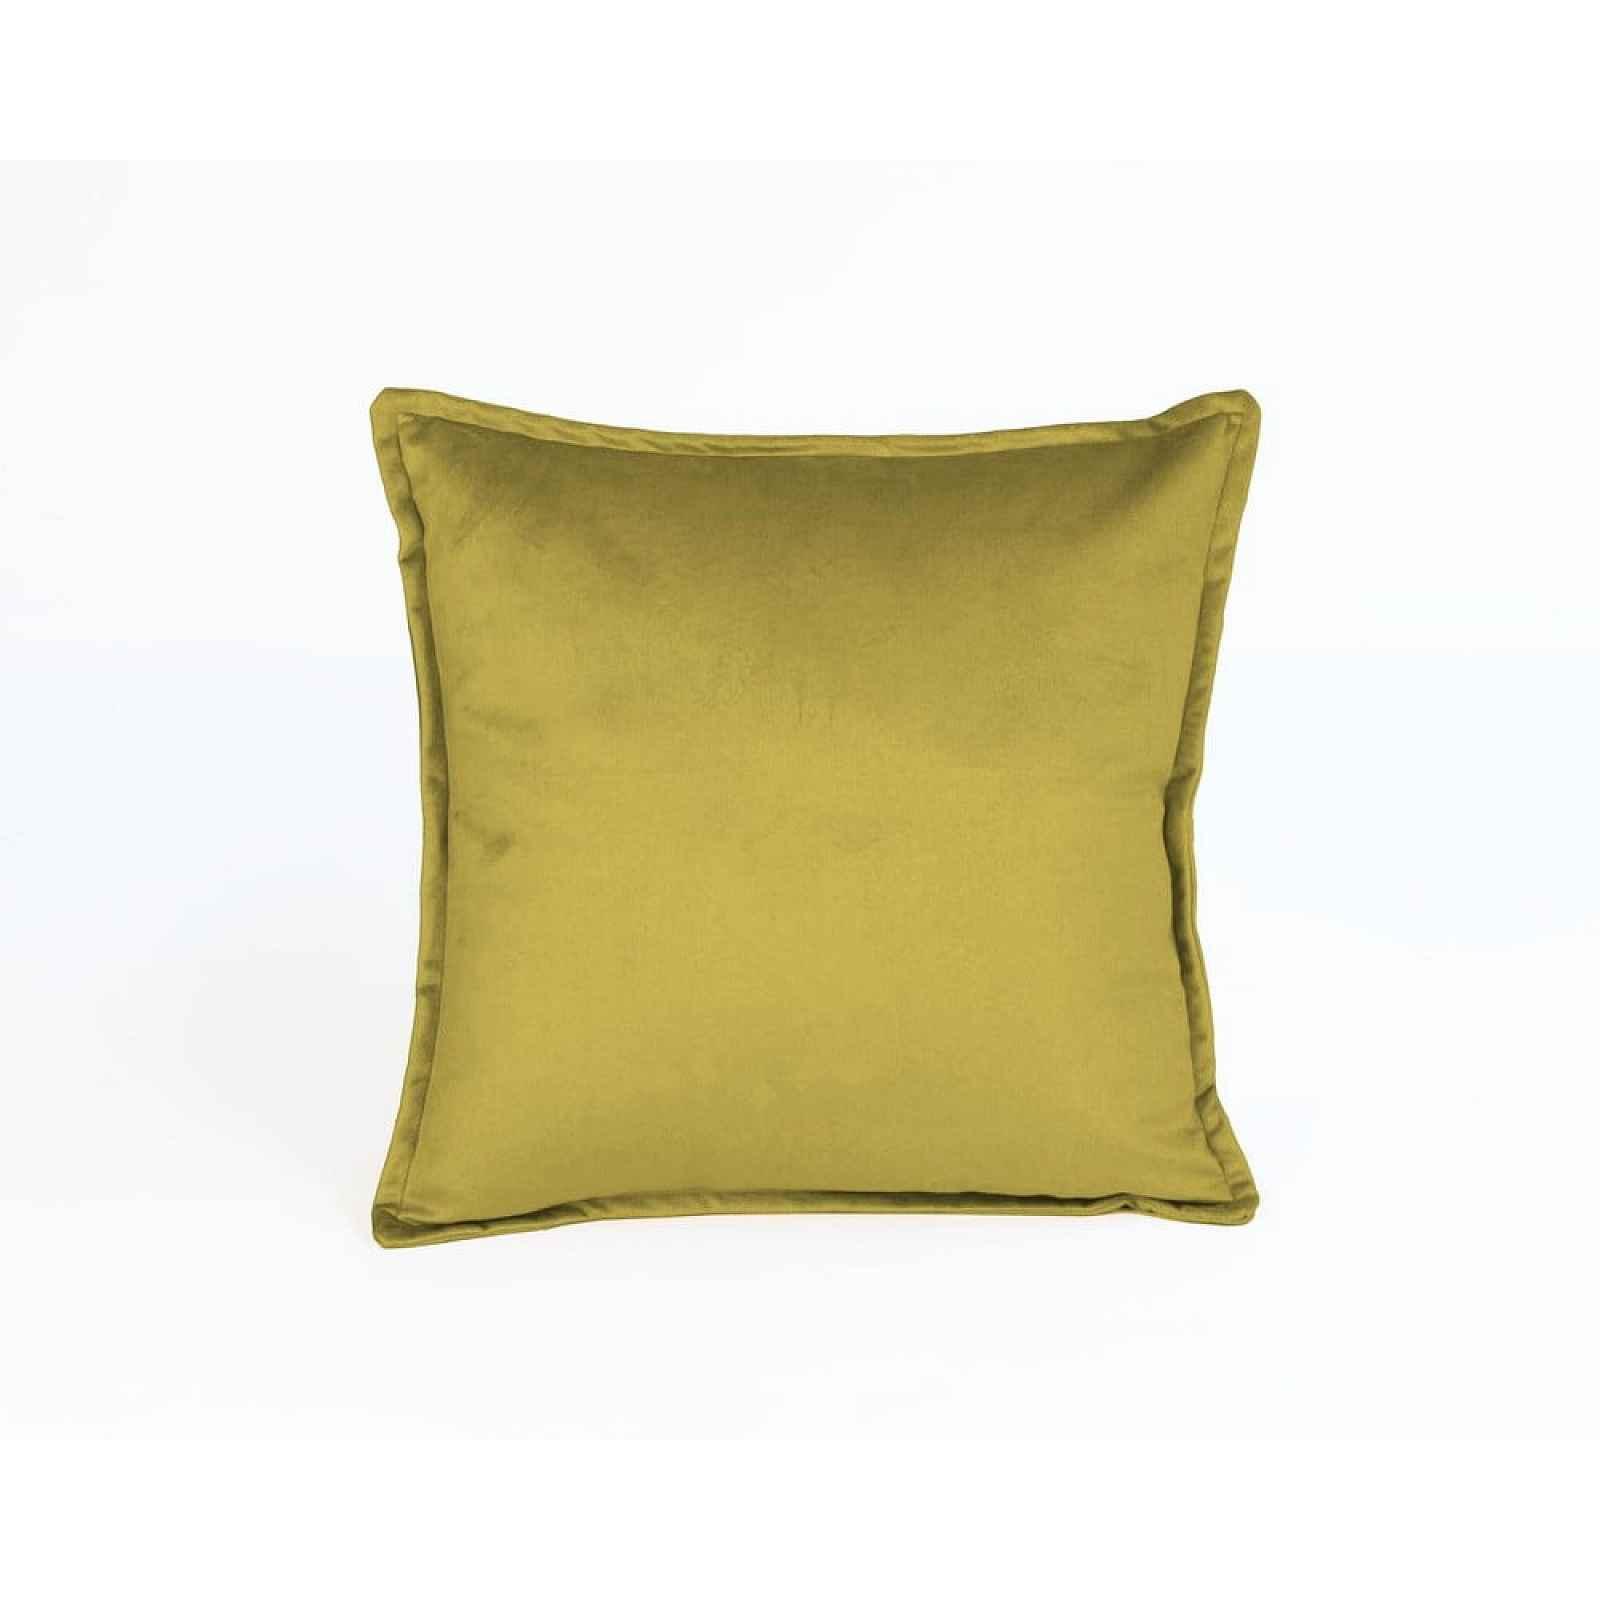 Žlutý sametový polštář Velvet Atelier Tercio,45x45cm